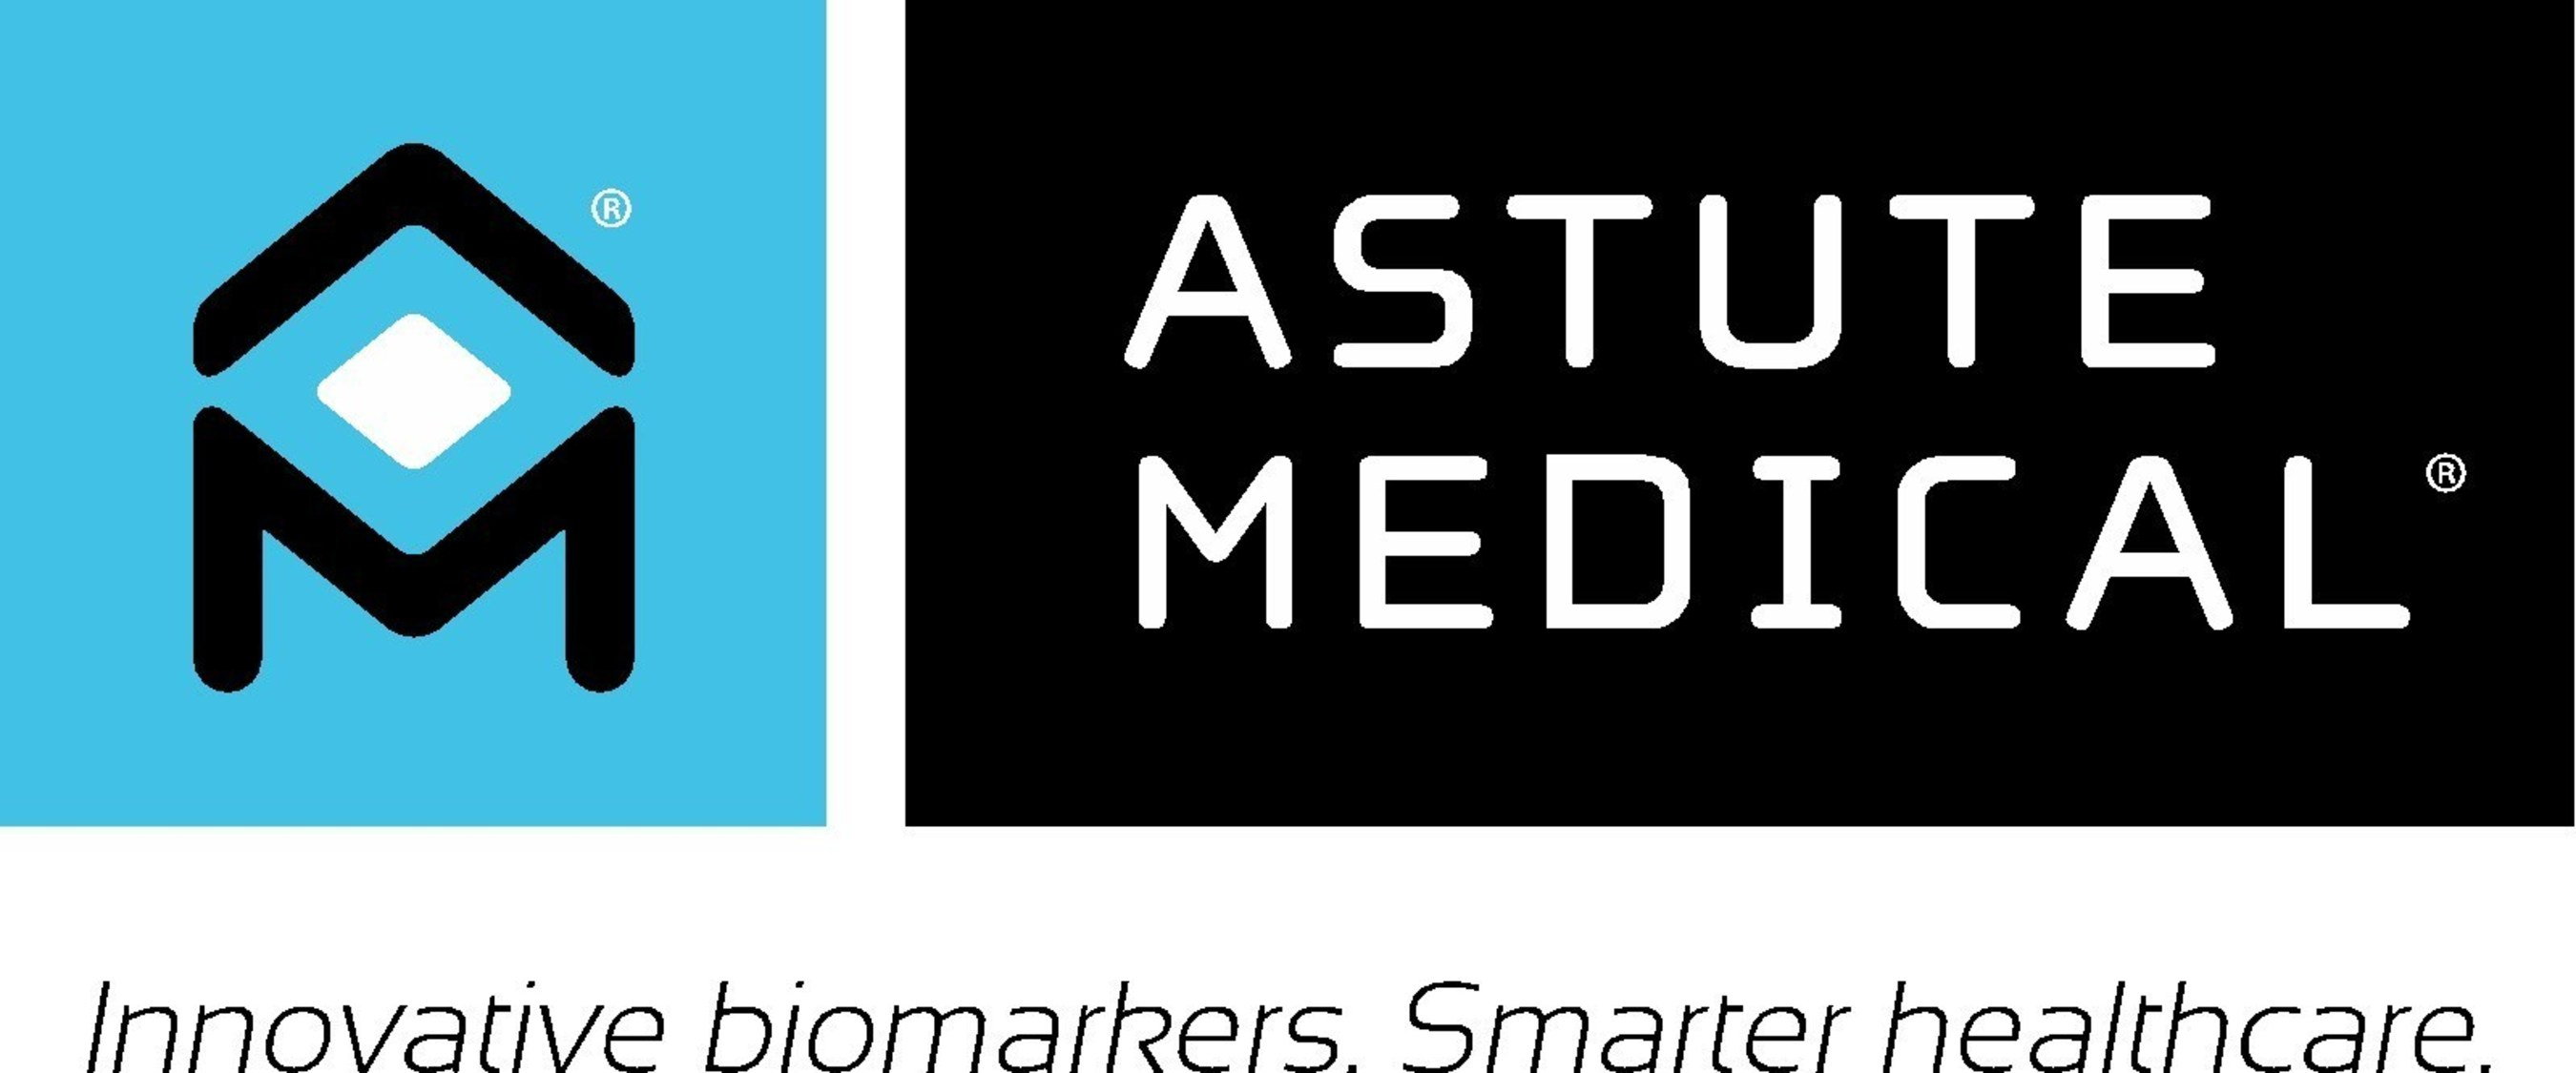 Astute Medical Logo